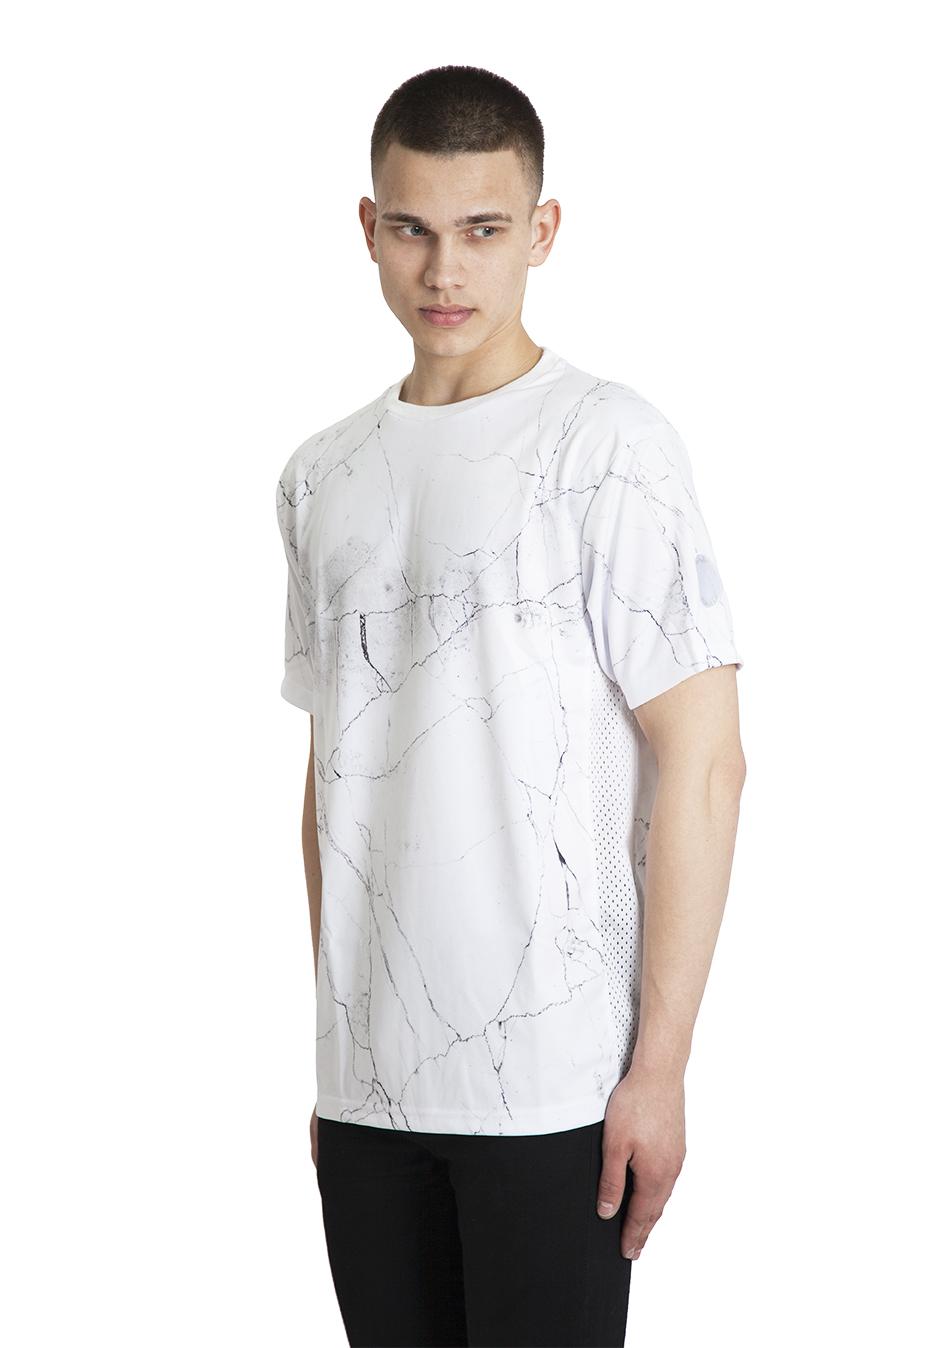 Marble Football Shirt White Queu Queu